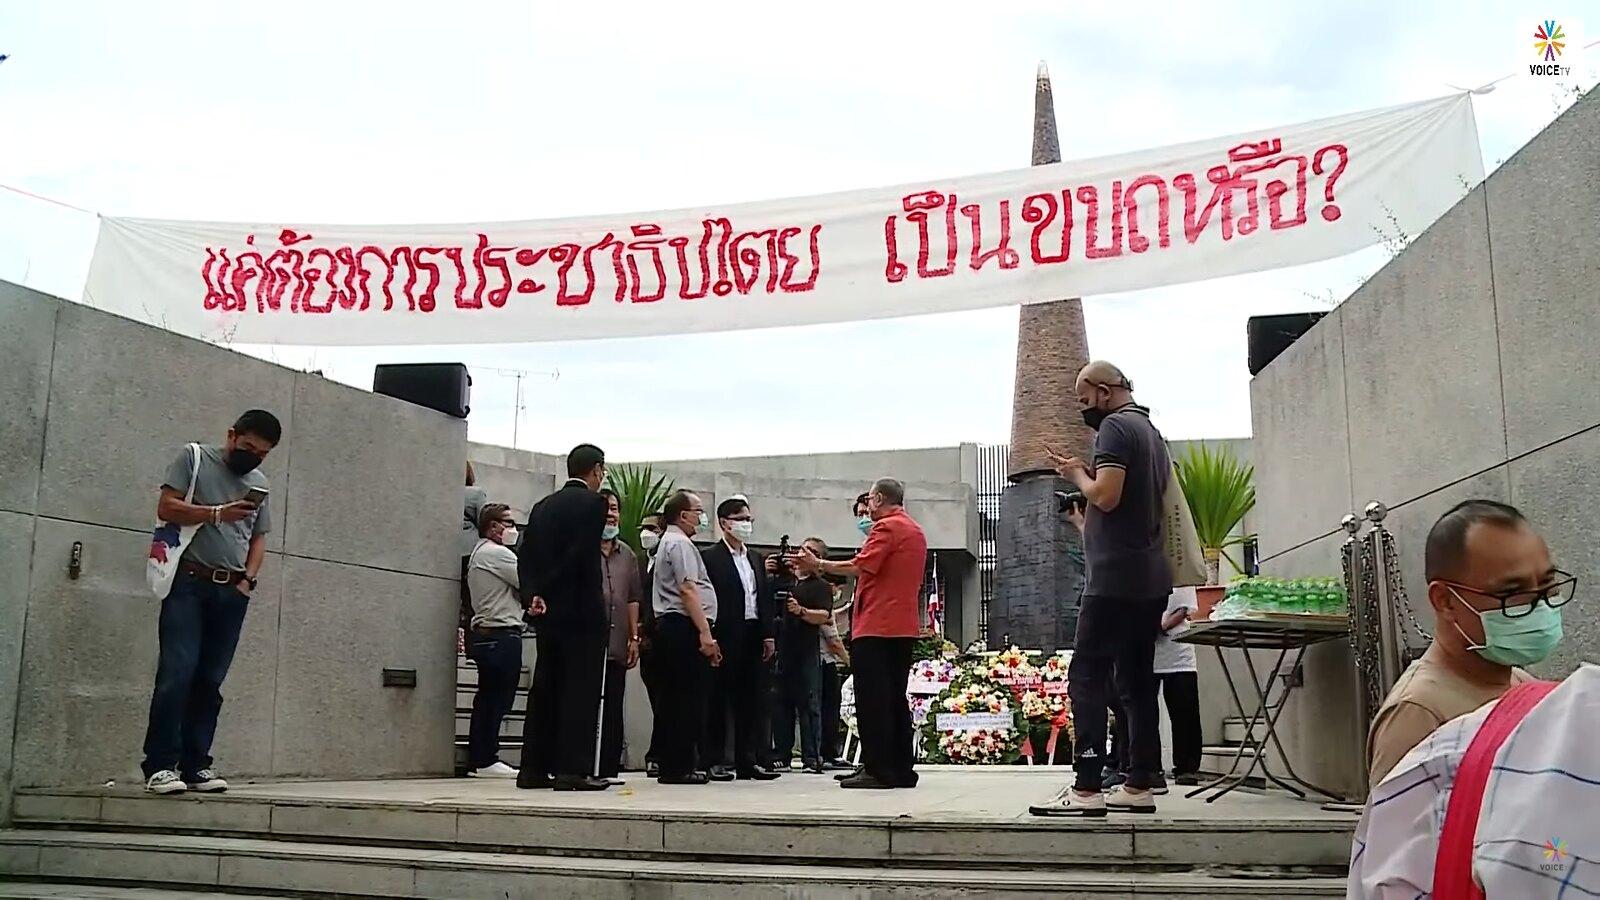 รำลึก 48 ปี 14 ตุลา ทำบุญเช้าวุ่น ผู้จัดงานขอ 'ทะลุฟ้า' ปลดป้ายผ้า อ้างไม่ได้ขออนุญาต | ประชาไท Prachatai.com